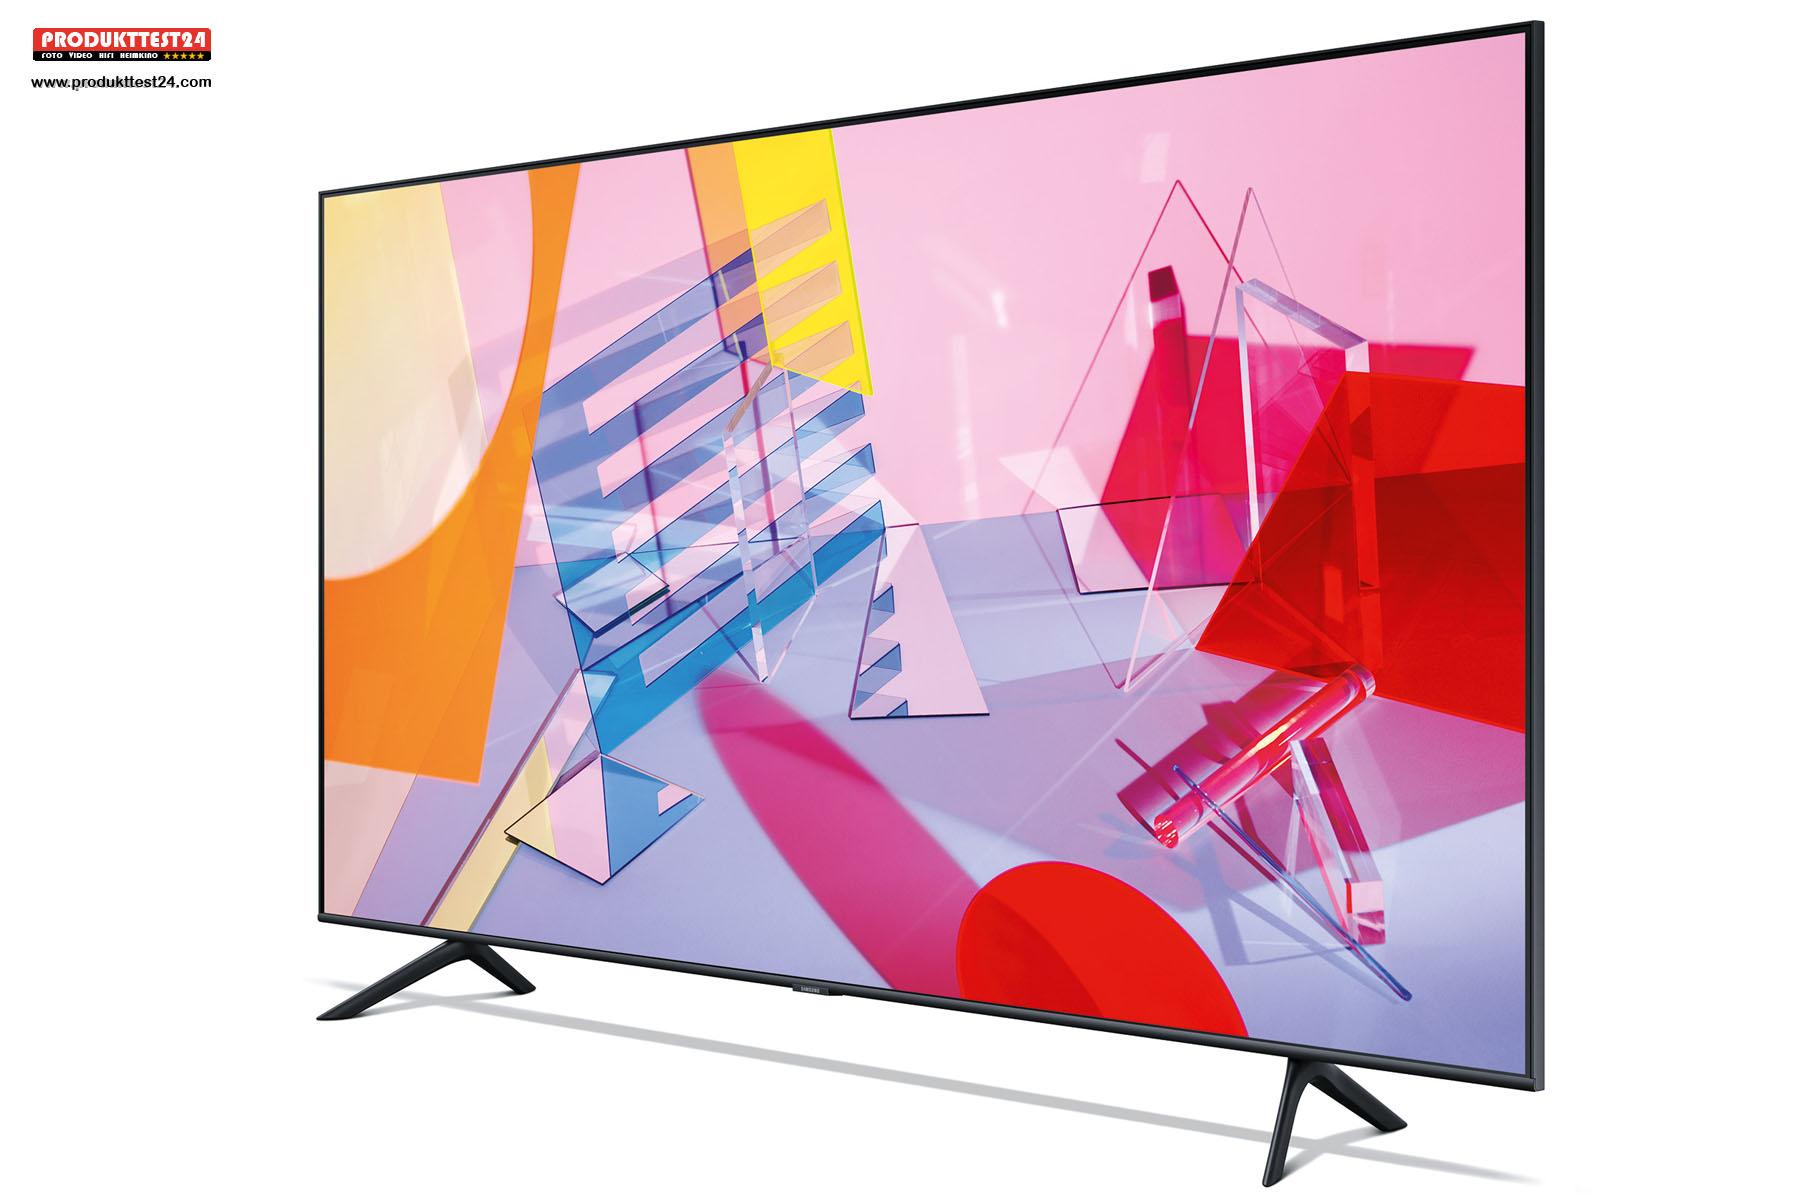 Samsung GQ65Q60T QLED 4K-Fernseher mit SmartTV, SmartThinks, Sprachsteuerung und Triple Tuner